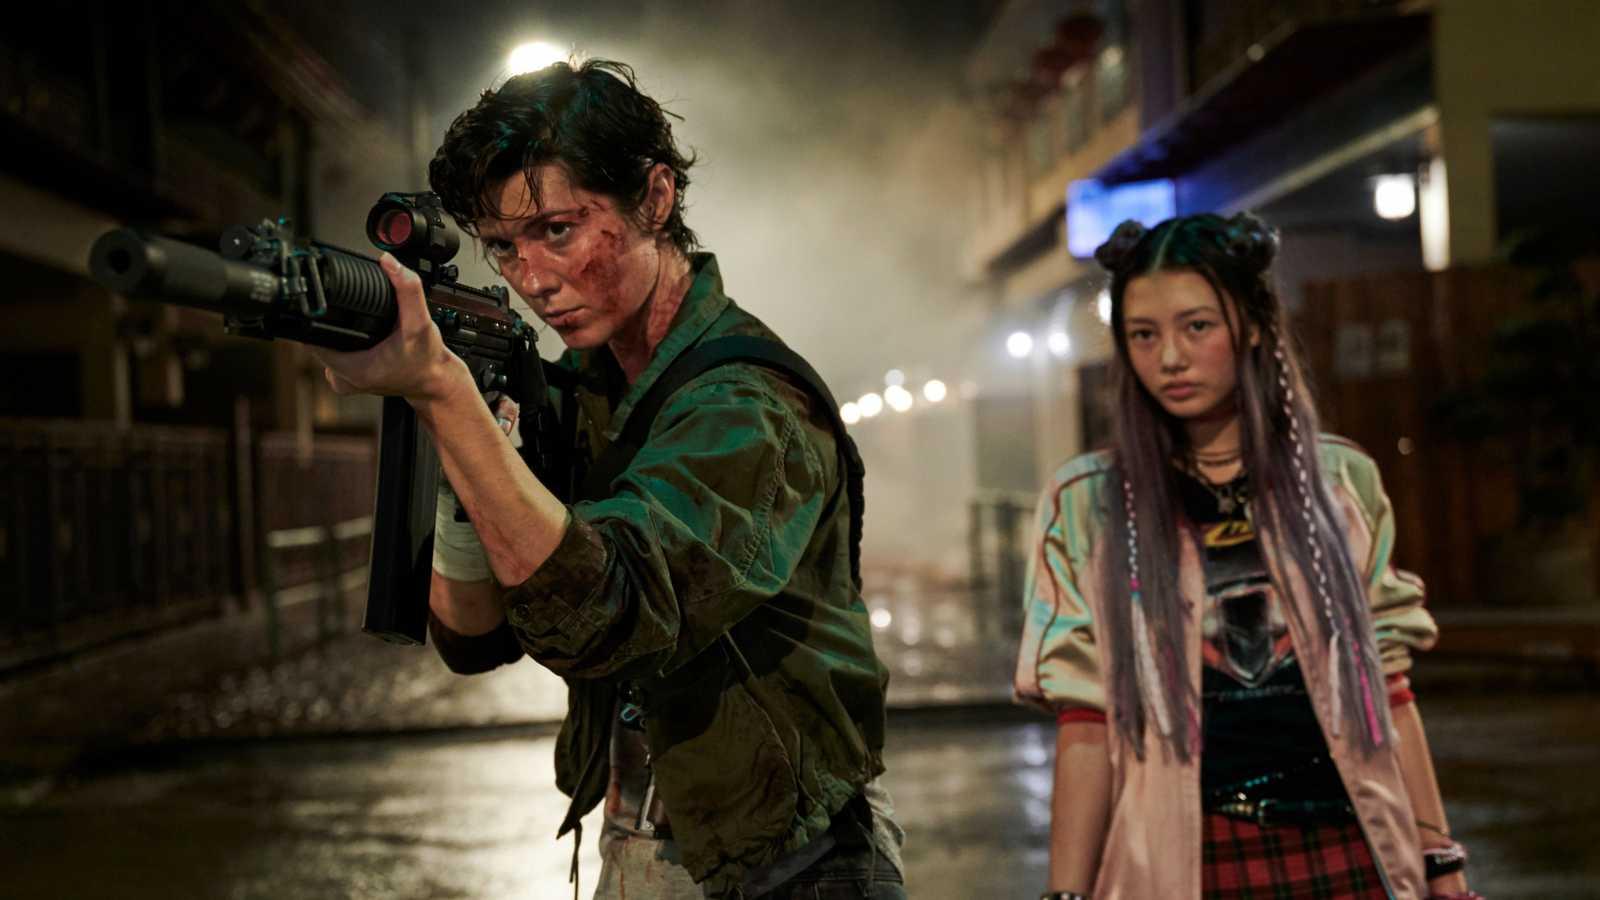 MIYAVI ja BAND-MAID esiintyvät myrkytetystä palkkamurhaajasta kertovassa Netflix-toimintatrillerissä © Netflix. All rights reserved.